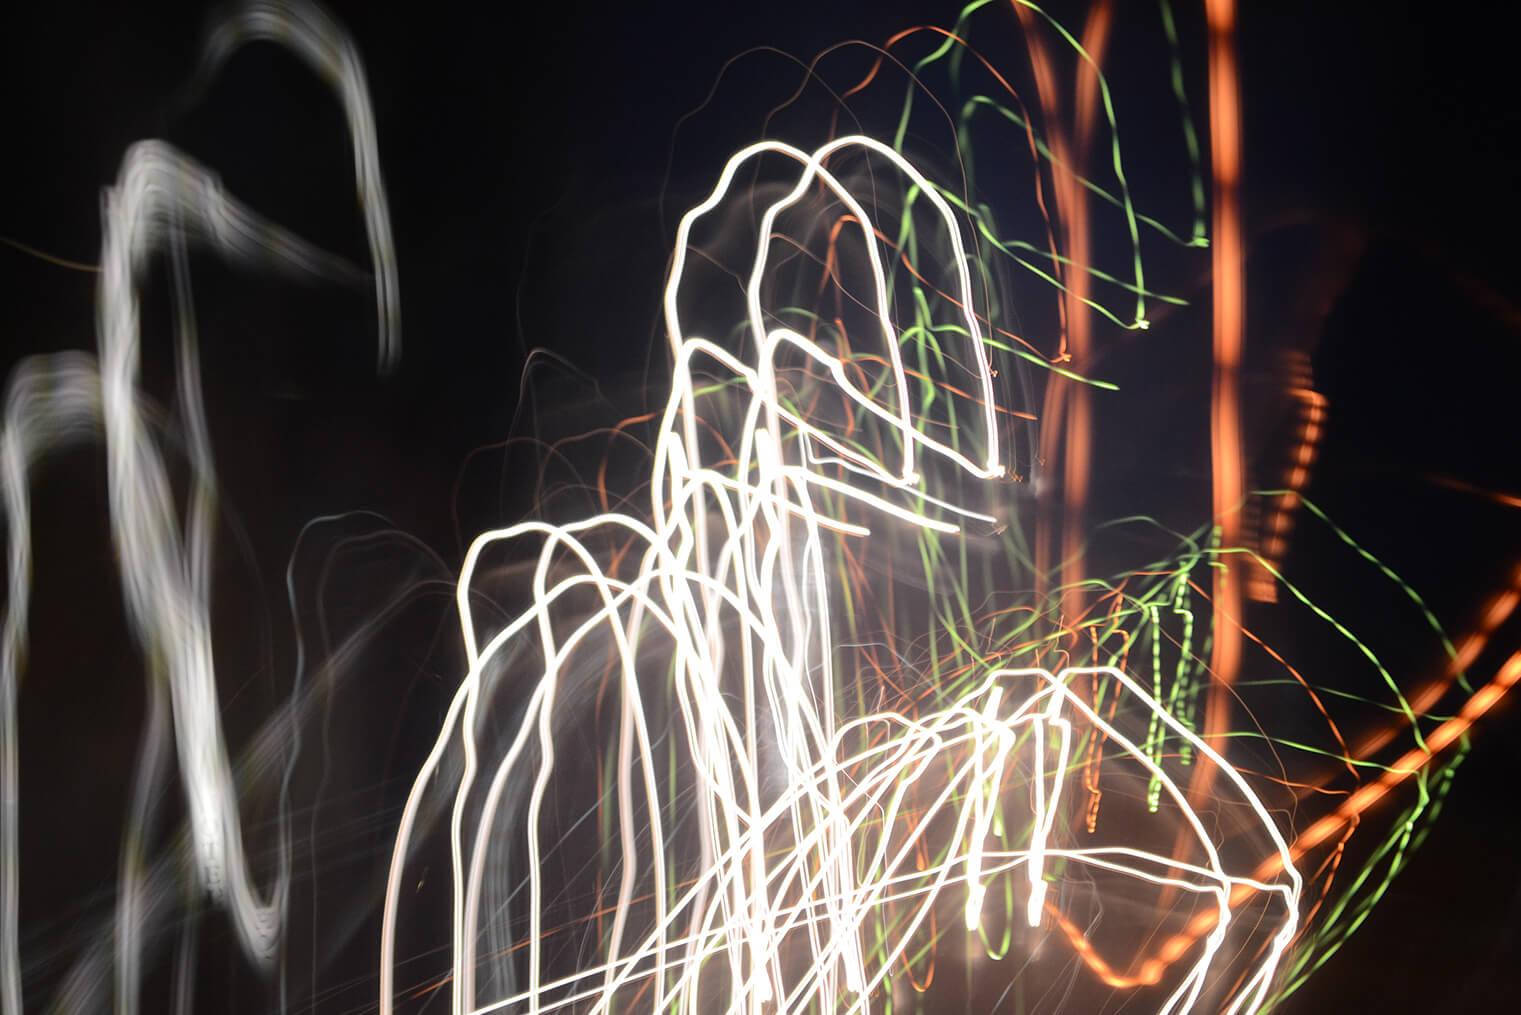 sichtbare-musik-licht-fotografie